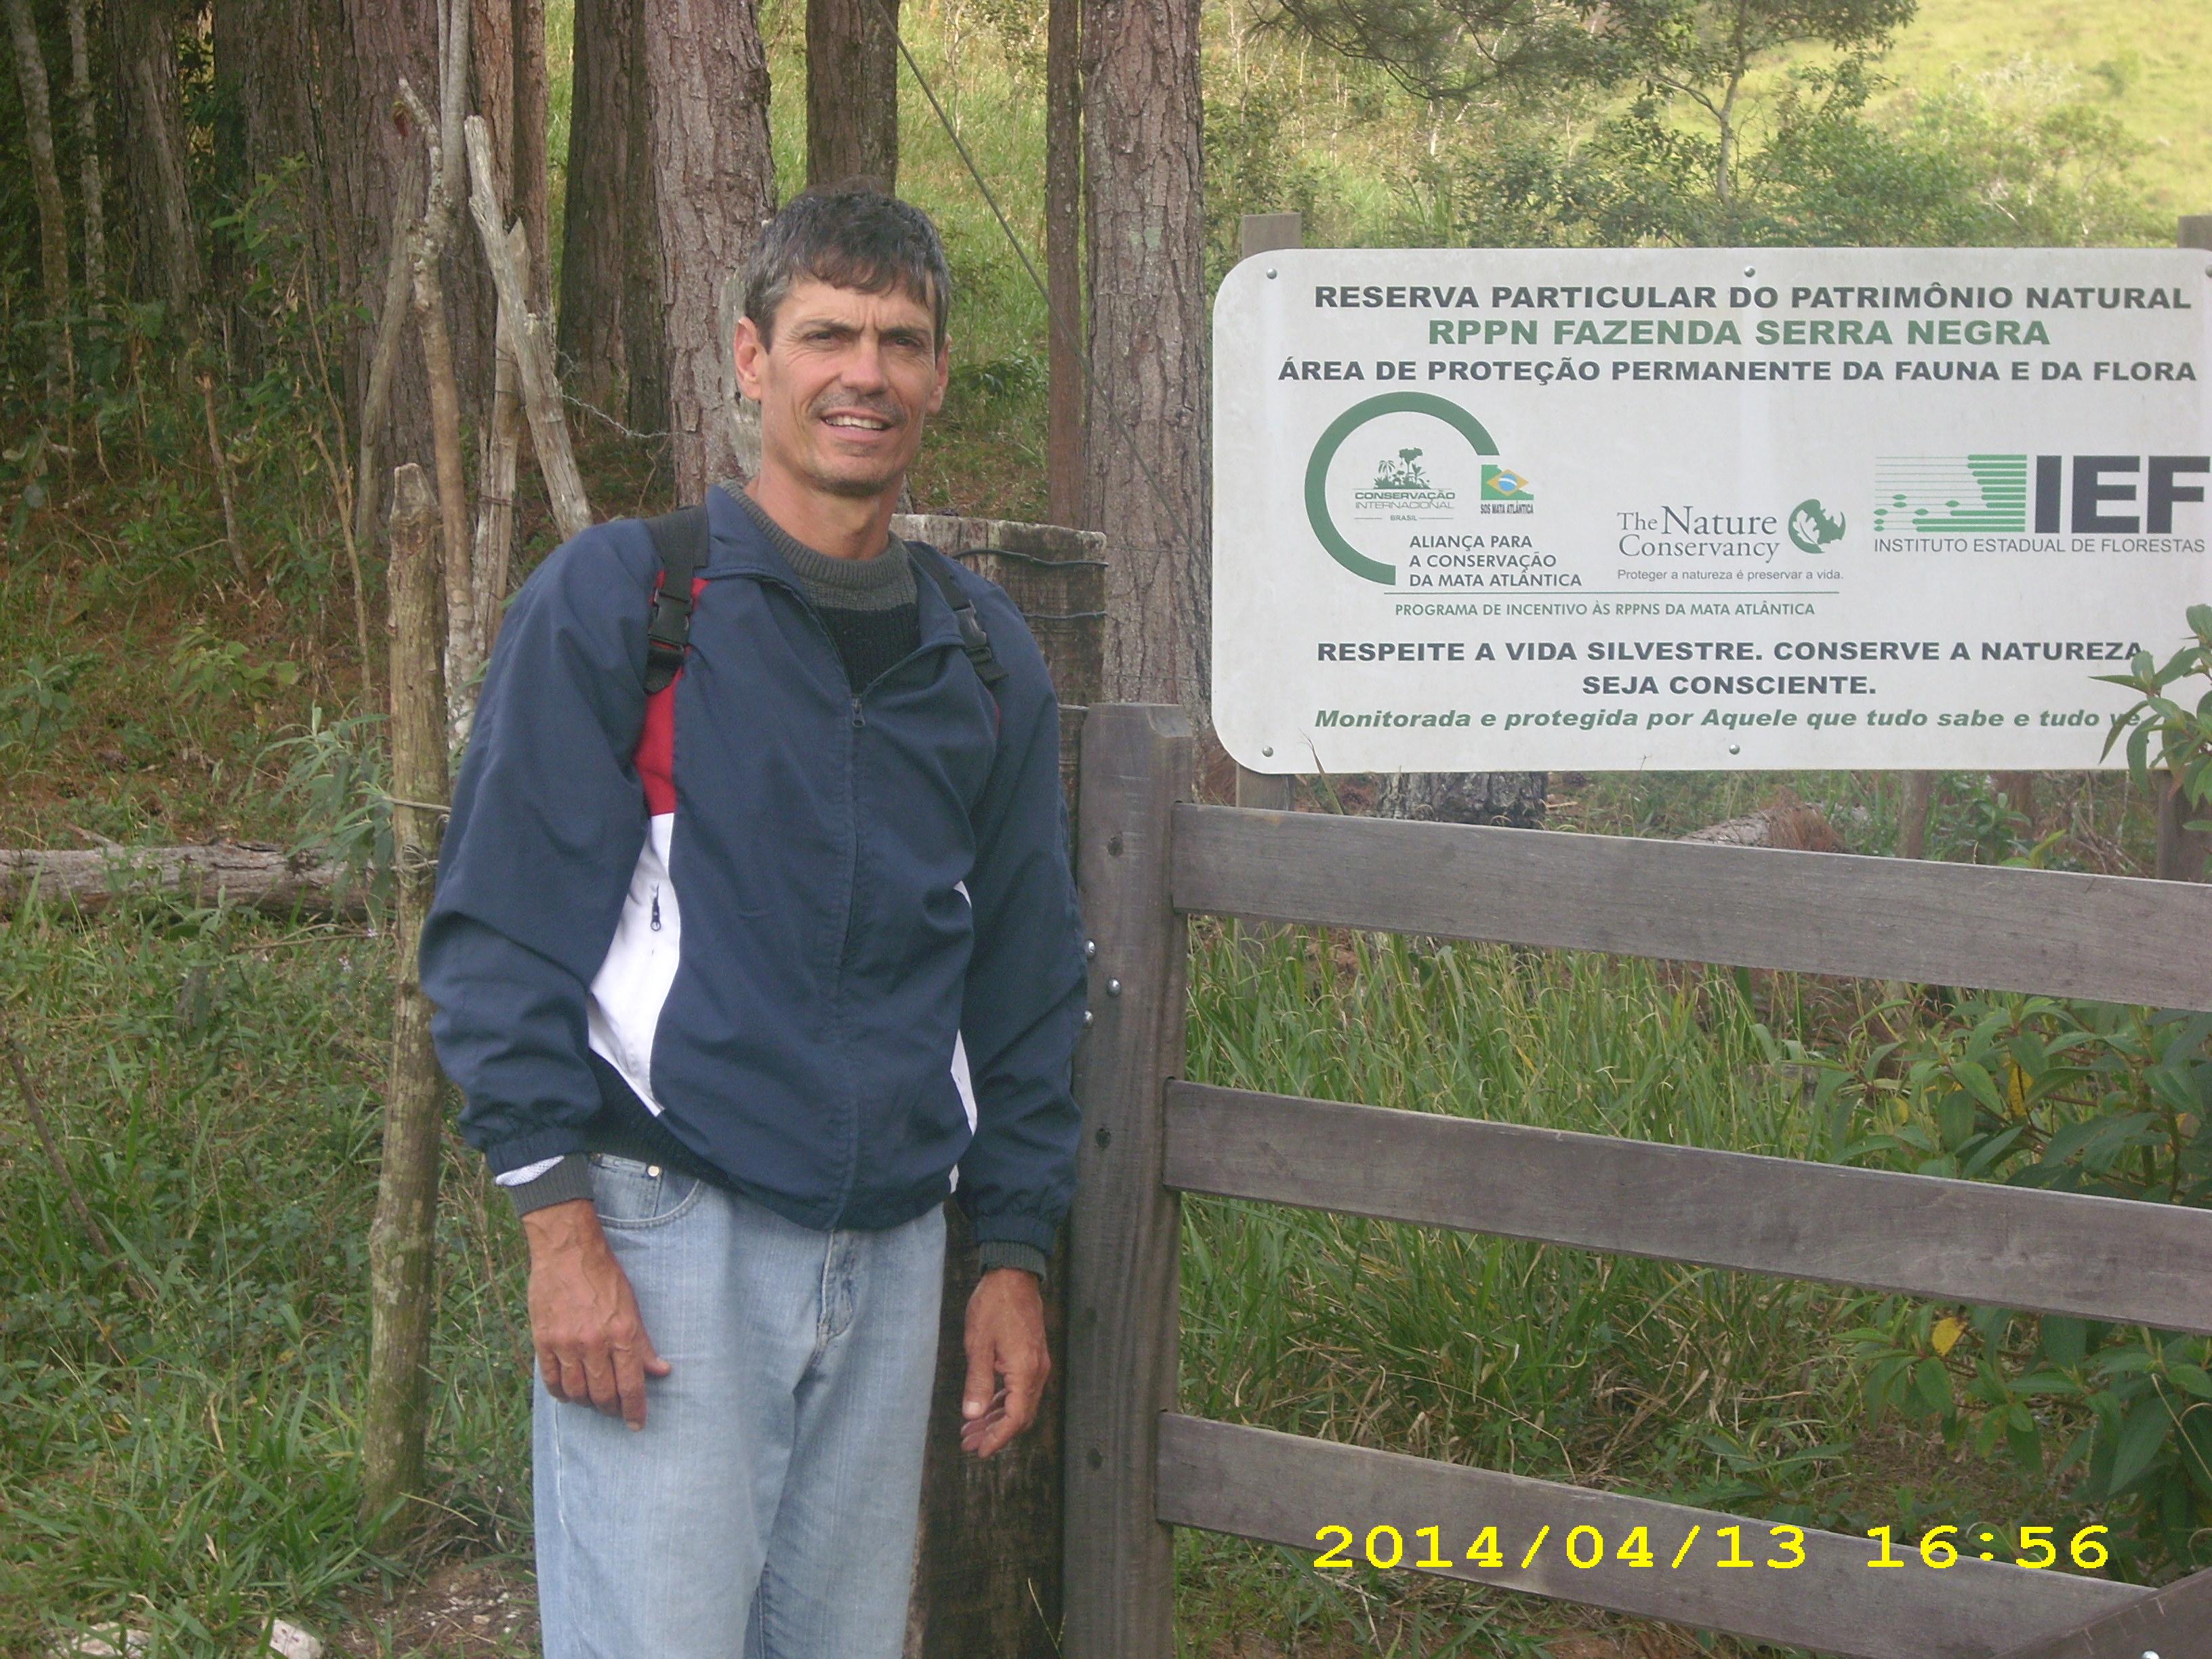 Helvécio Rodrigues Pereira Filho